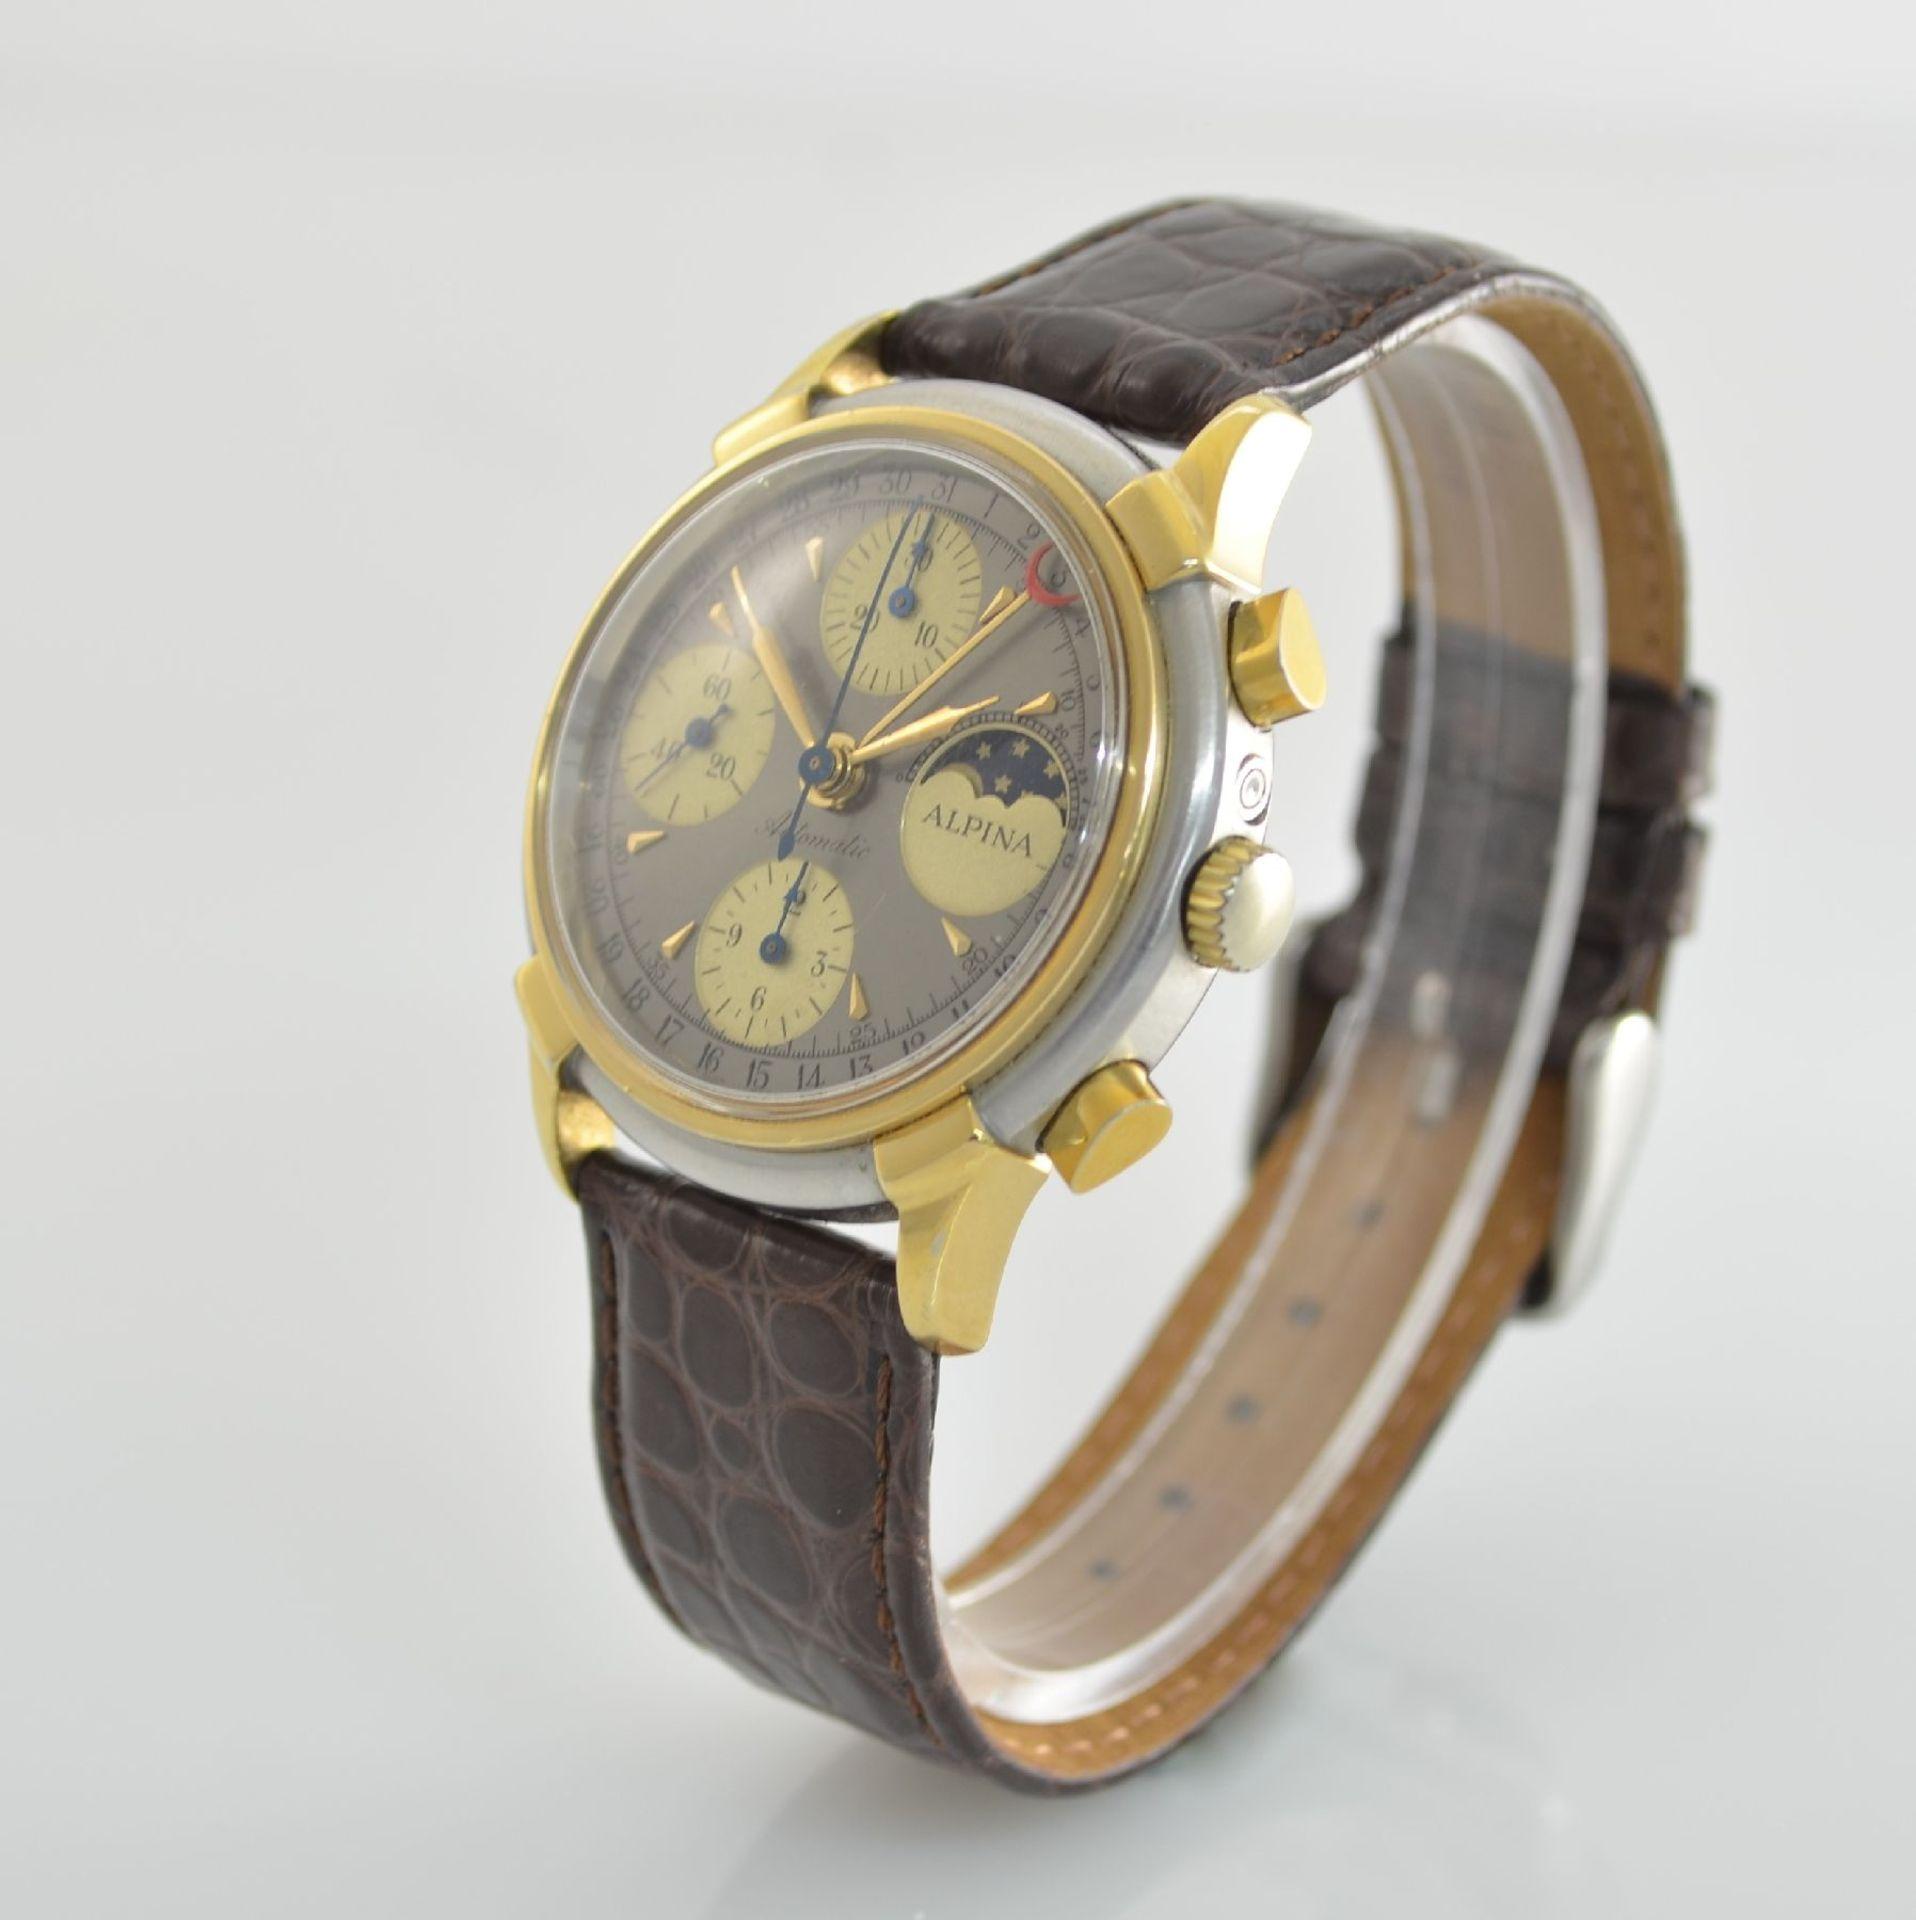 ALPINA Armbandchronograph mit Mondphase & Datum, Schweiz um 1990, Gehäuse in Edelstahl/Gold, Boden - Bild 3 aus 7